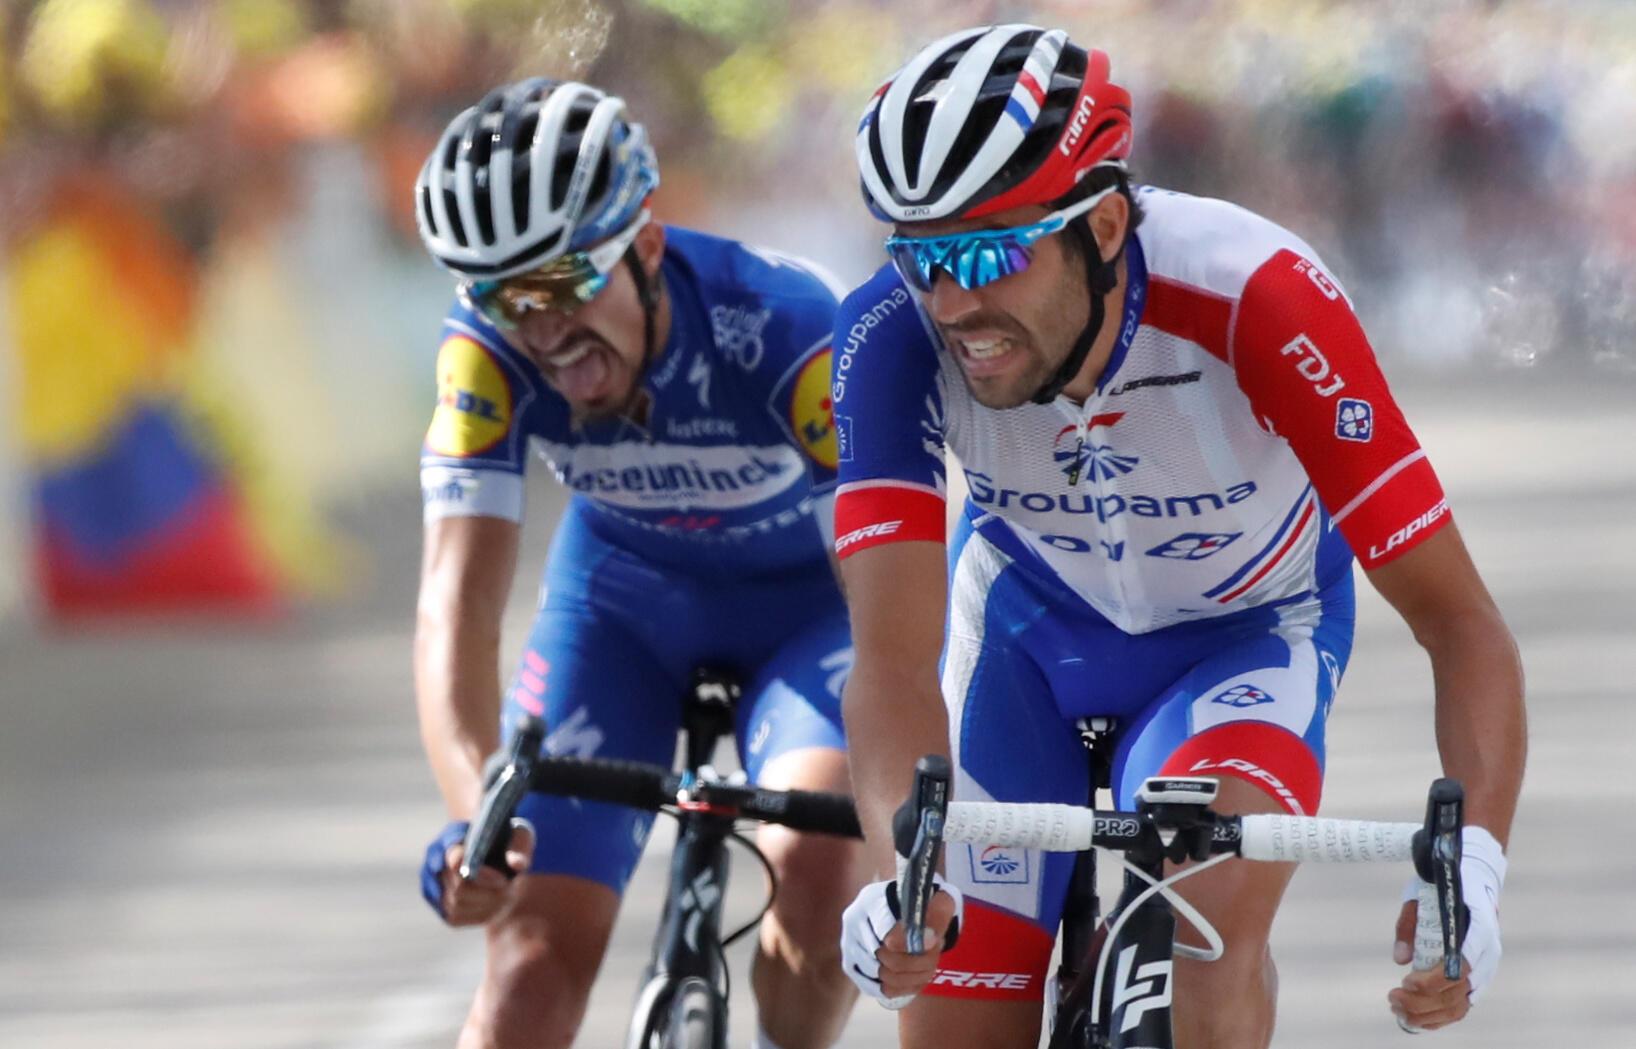 Les deux Français Thibaut Pinot et Julian Alaphilippe à l'arrivée de la 8e étape du Tour de France à Saint-Étienne le 13 juillet 2019.